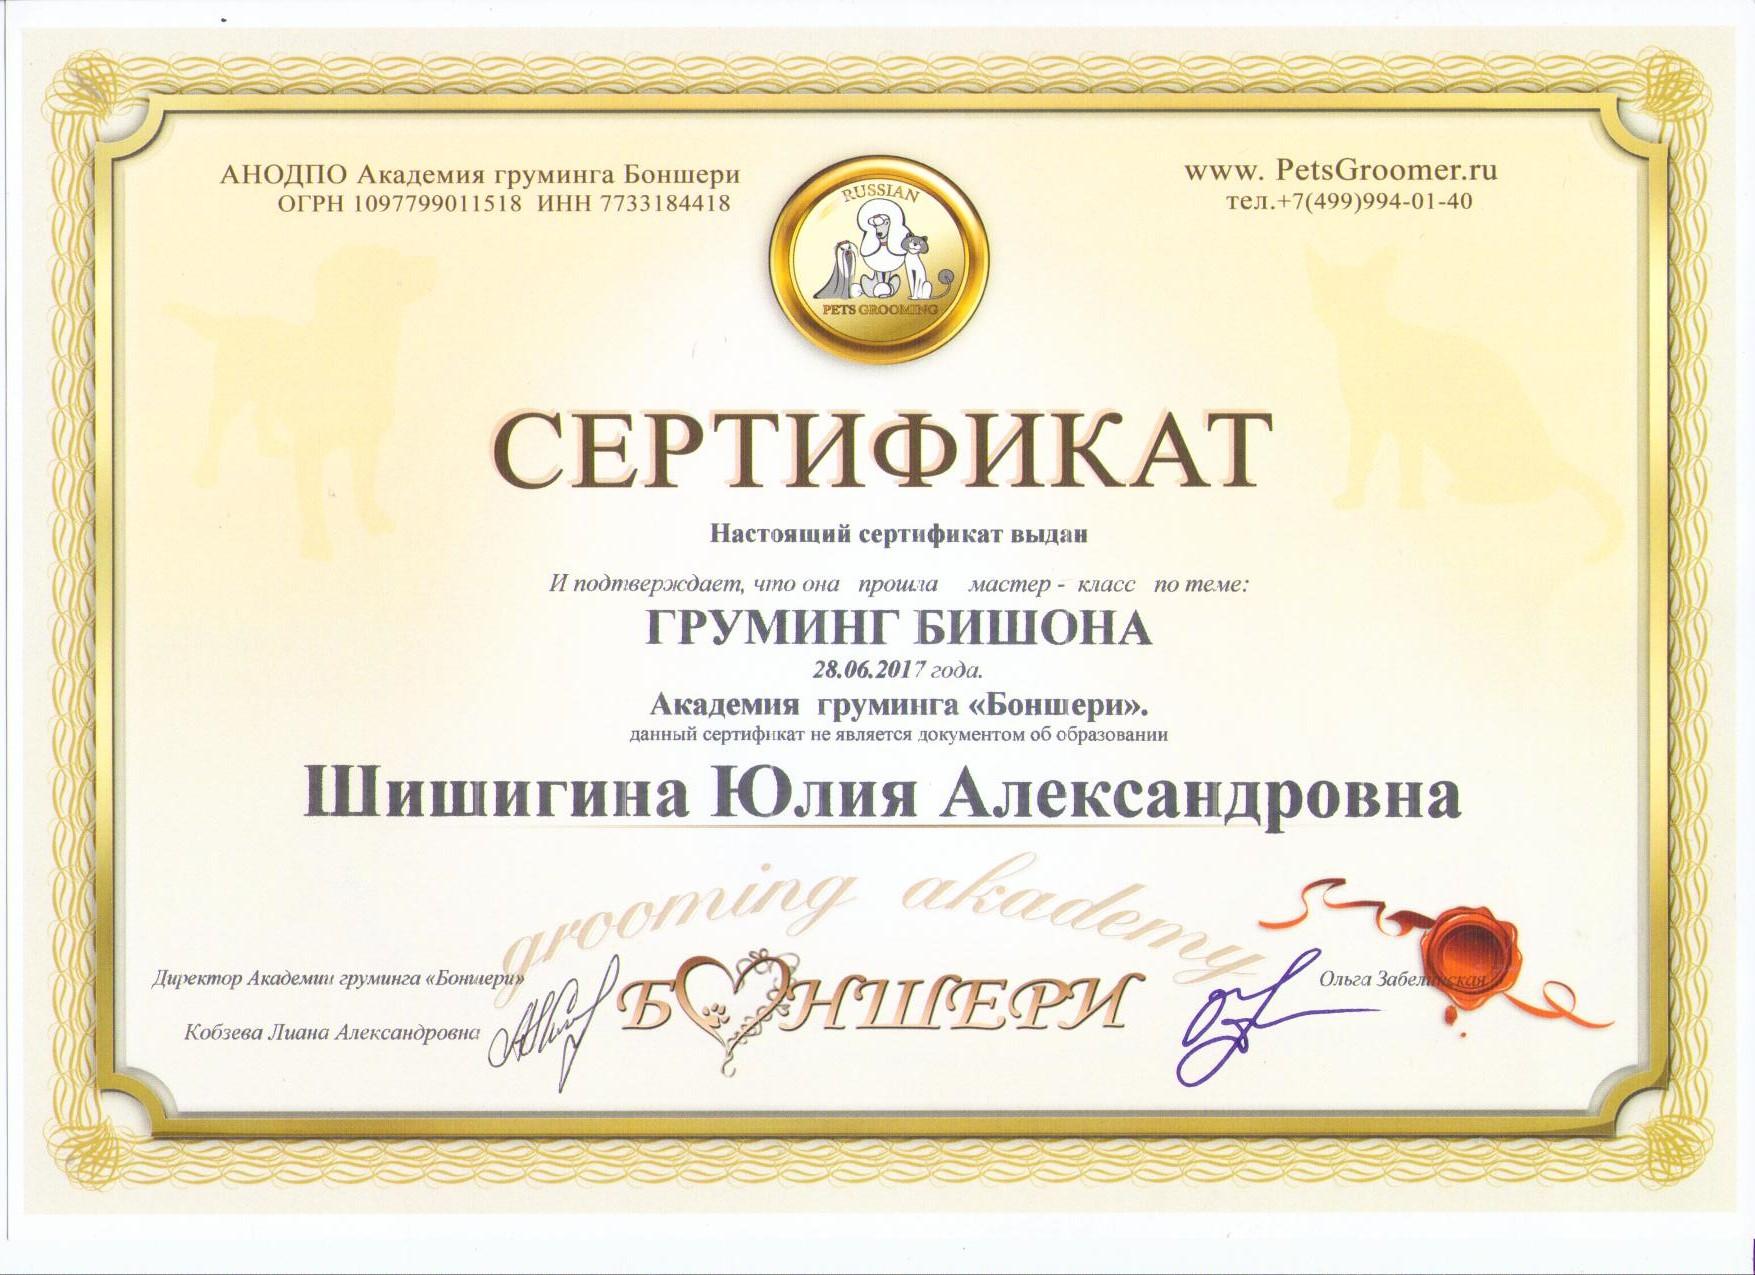 Шишигина Юлия бишон